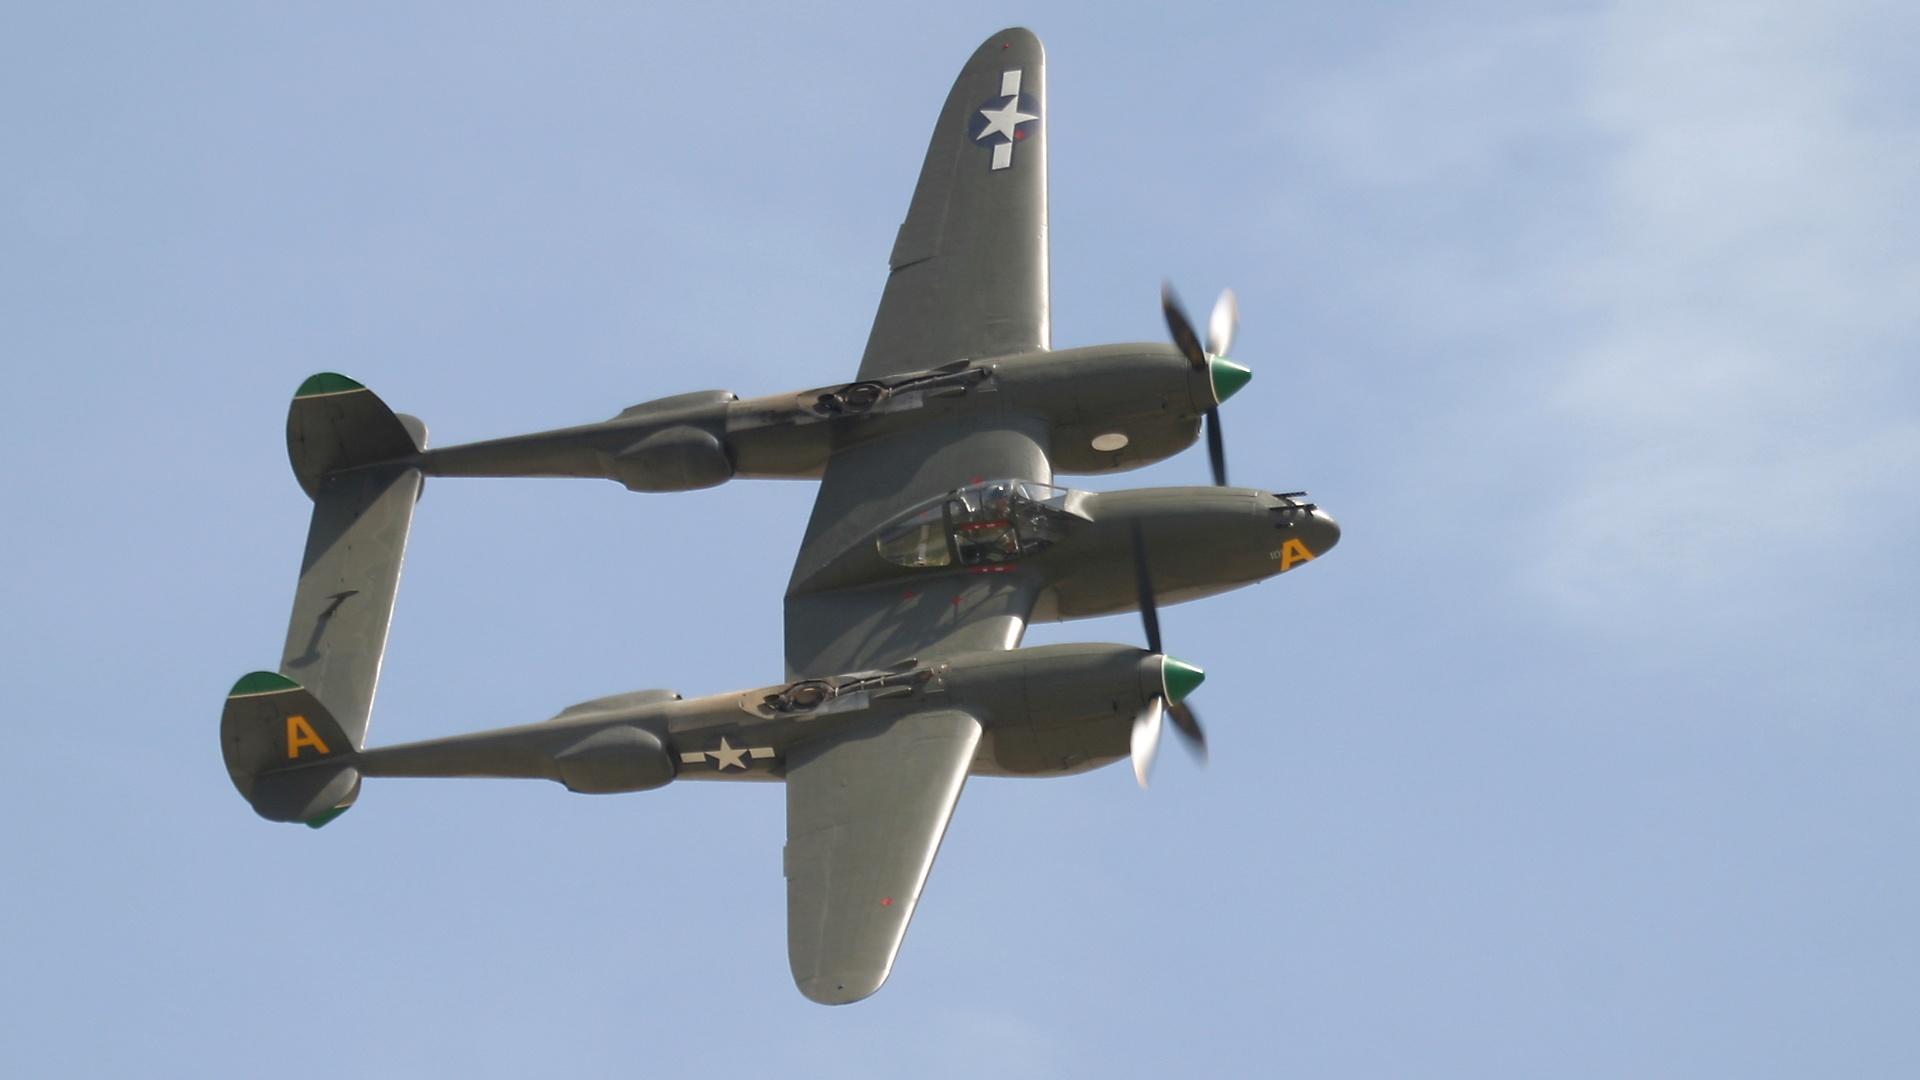 P 38 Lightning Fighter